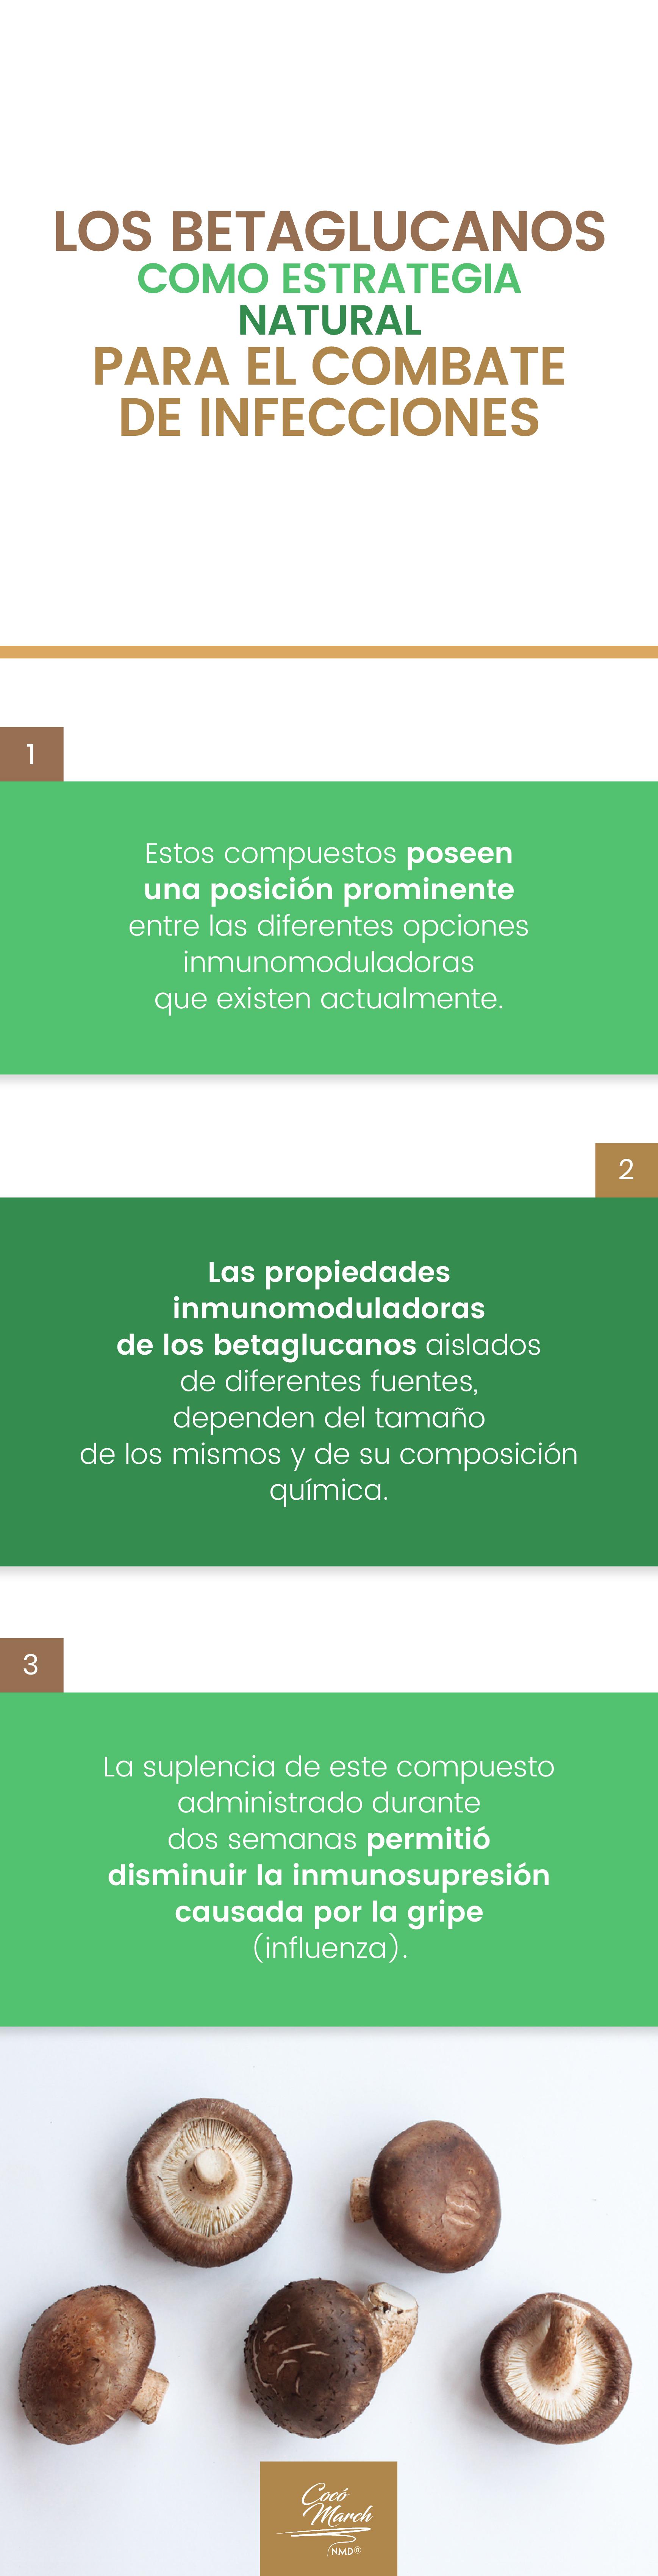 betaglucanos-como-estrategia-natural-para-combatir-infecciones